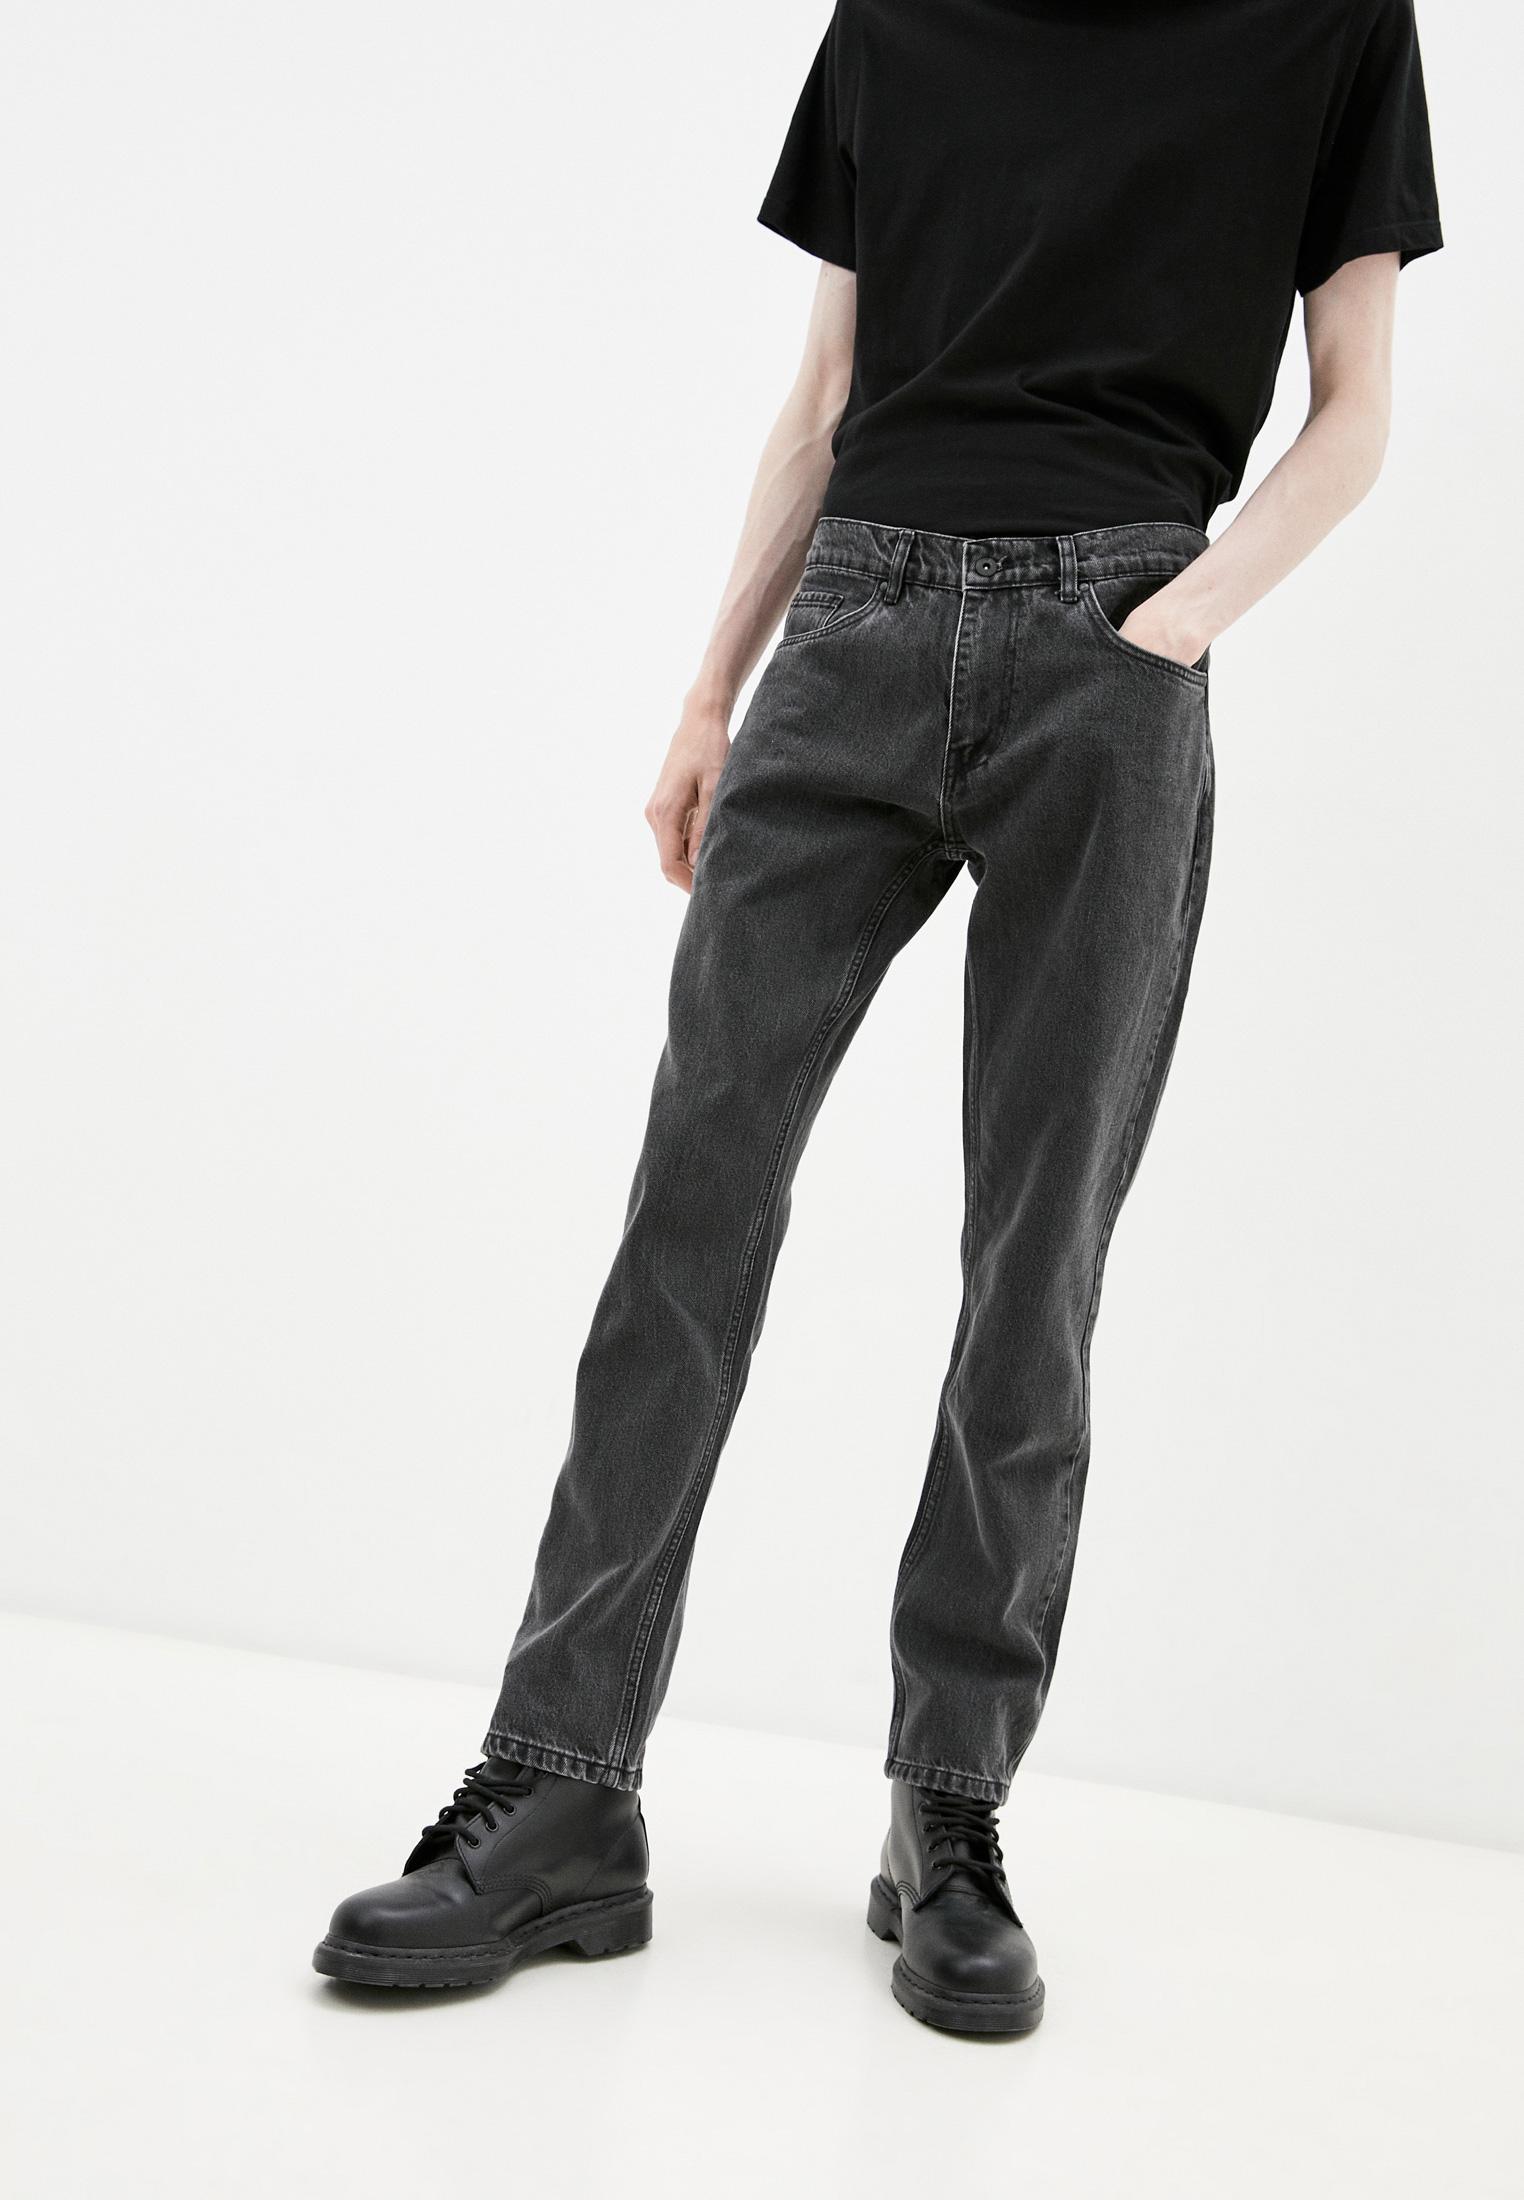 Мужские прямые джинсы Trendyol Джинсы Trendyol